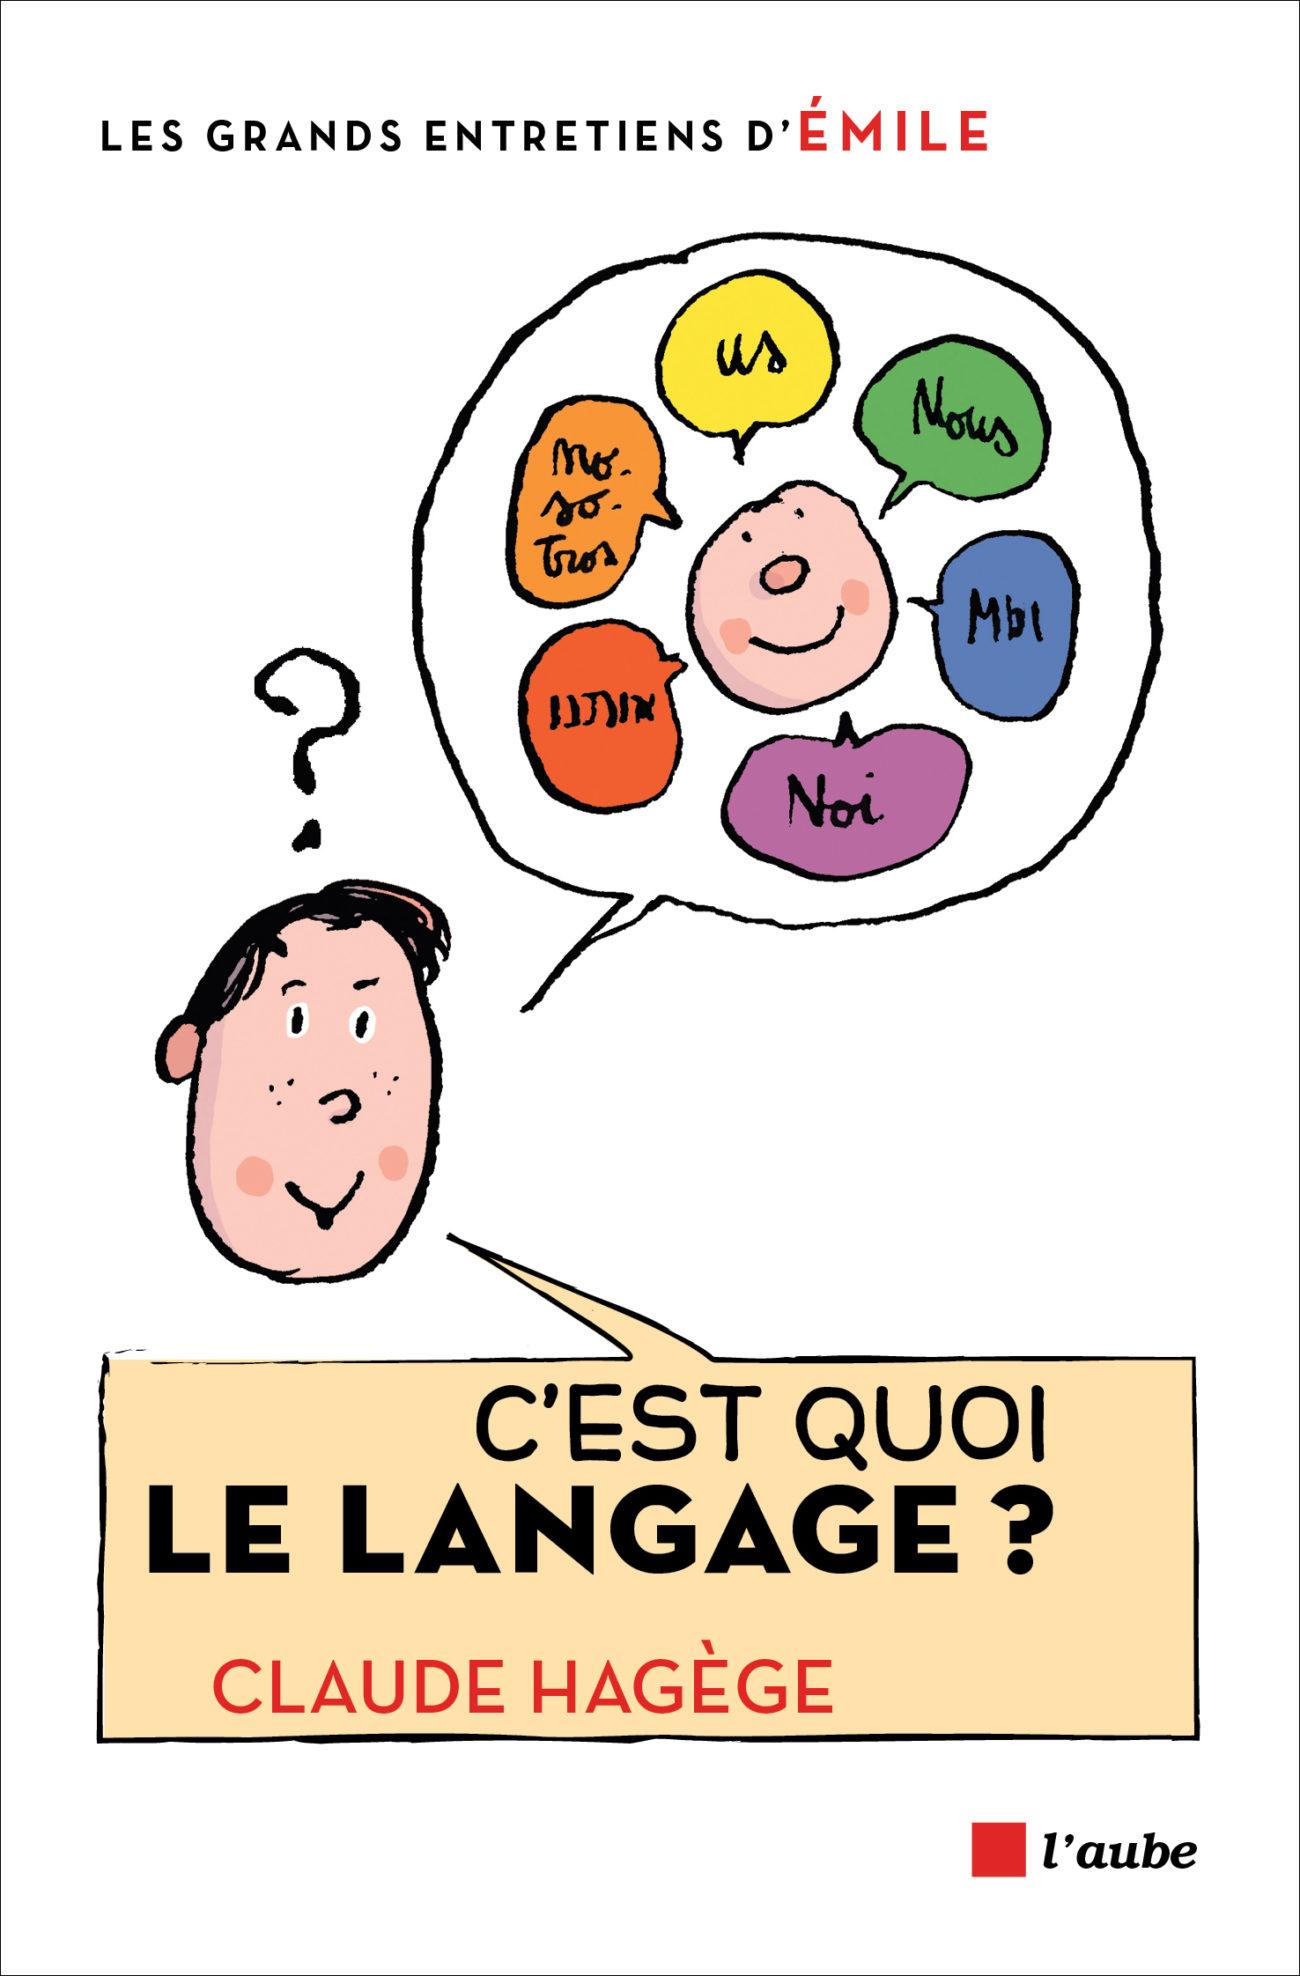 C'est quoi le langage ?